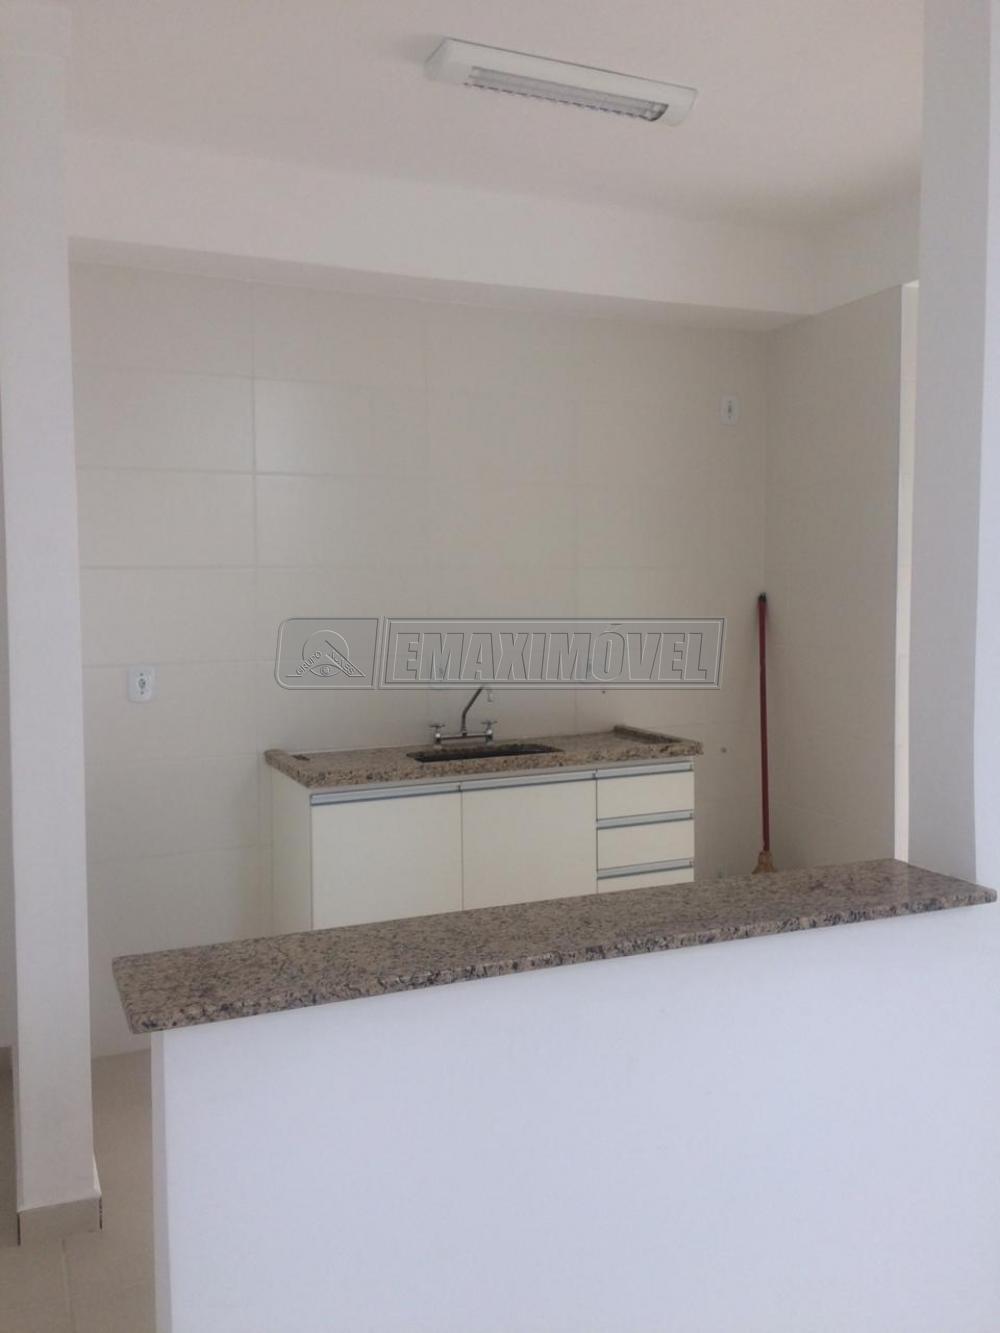 Comprar Apartamento / Padrão em Sorocaba R$ 390.000,00 - Foto 4